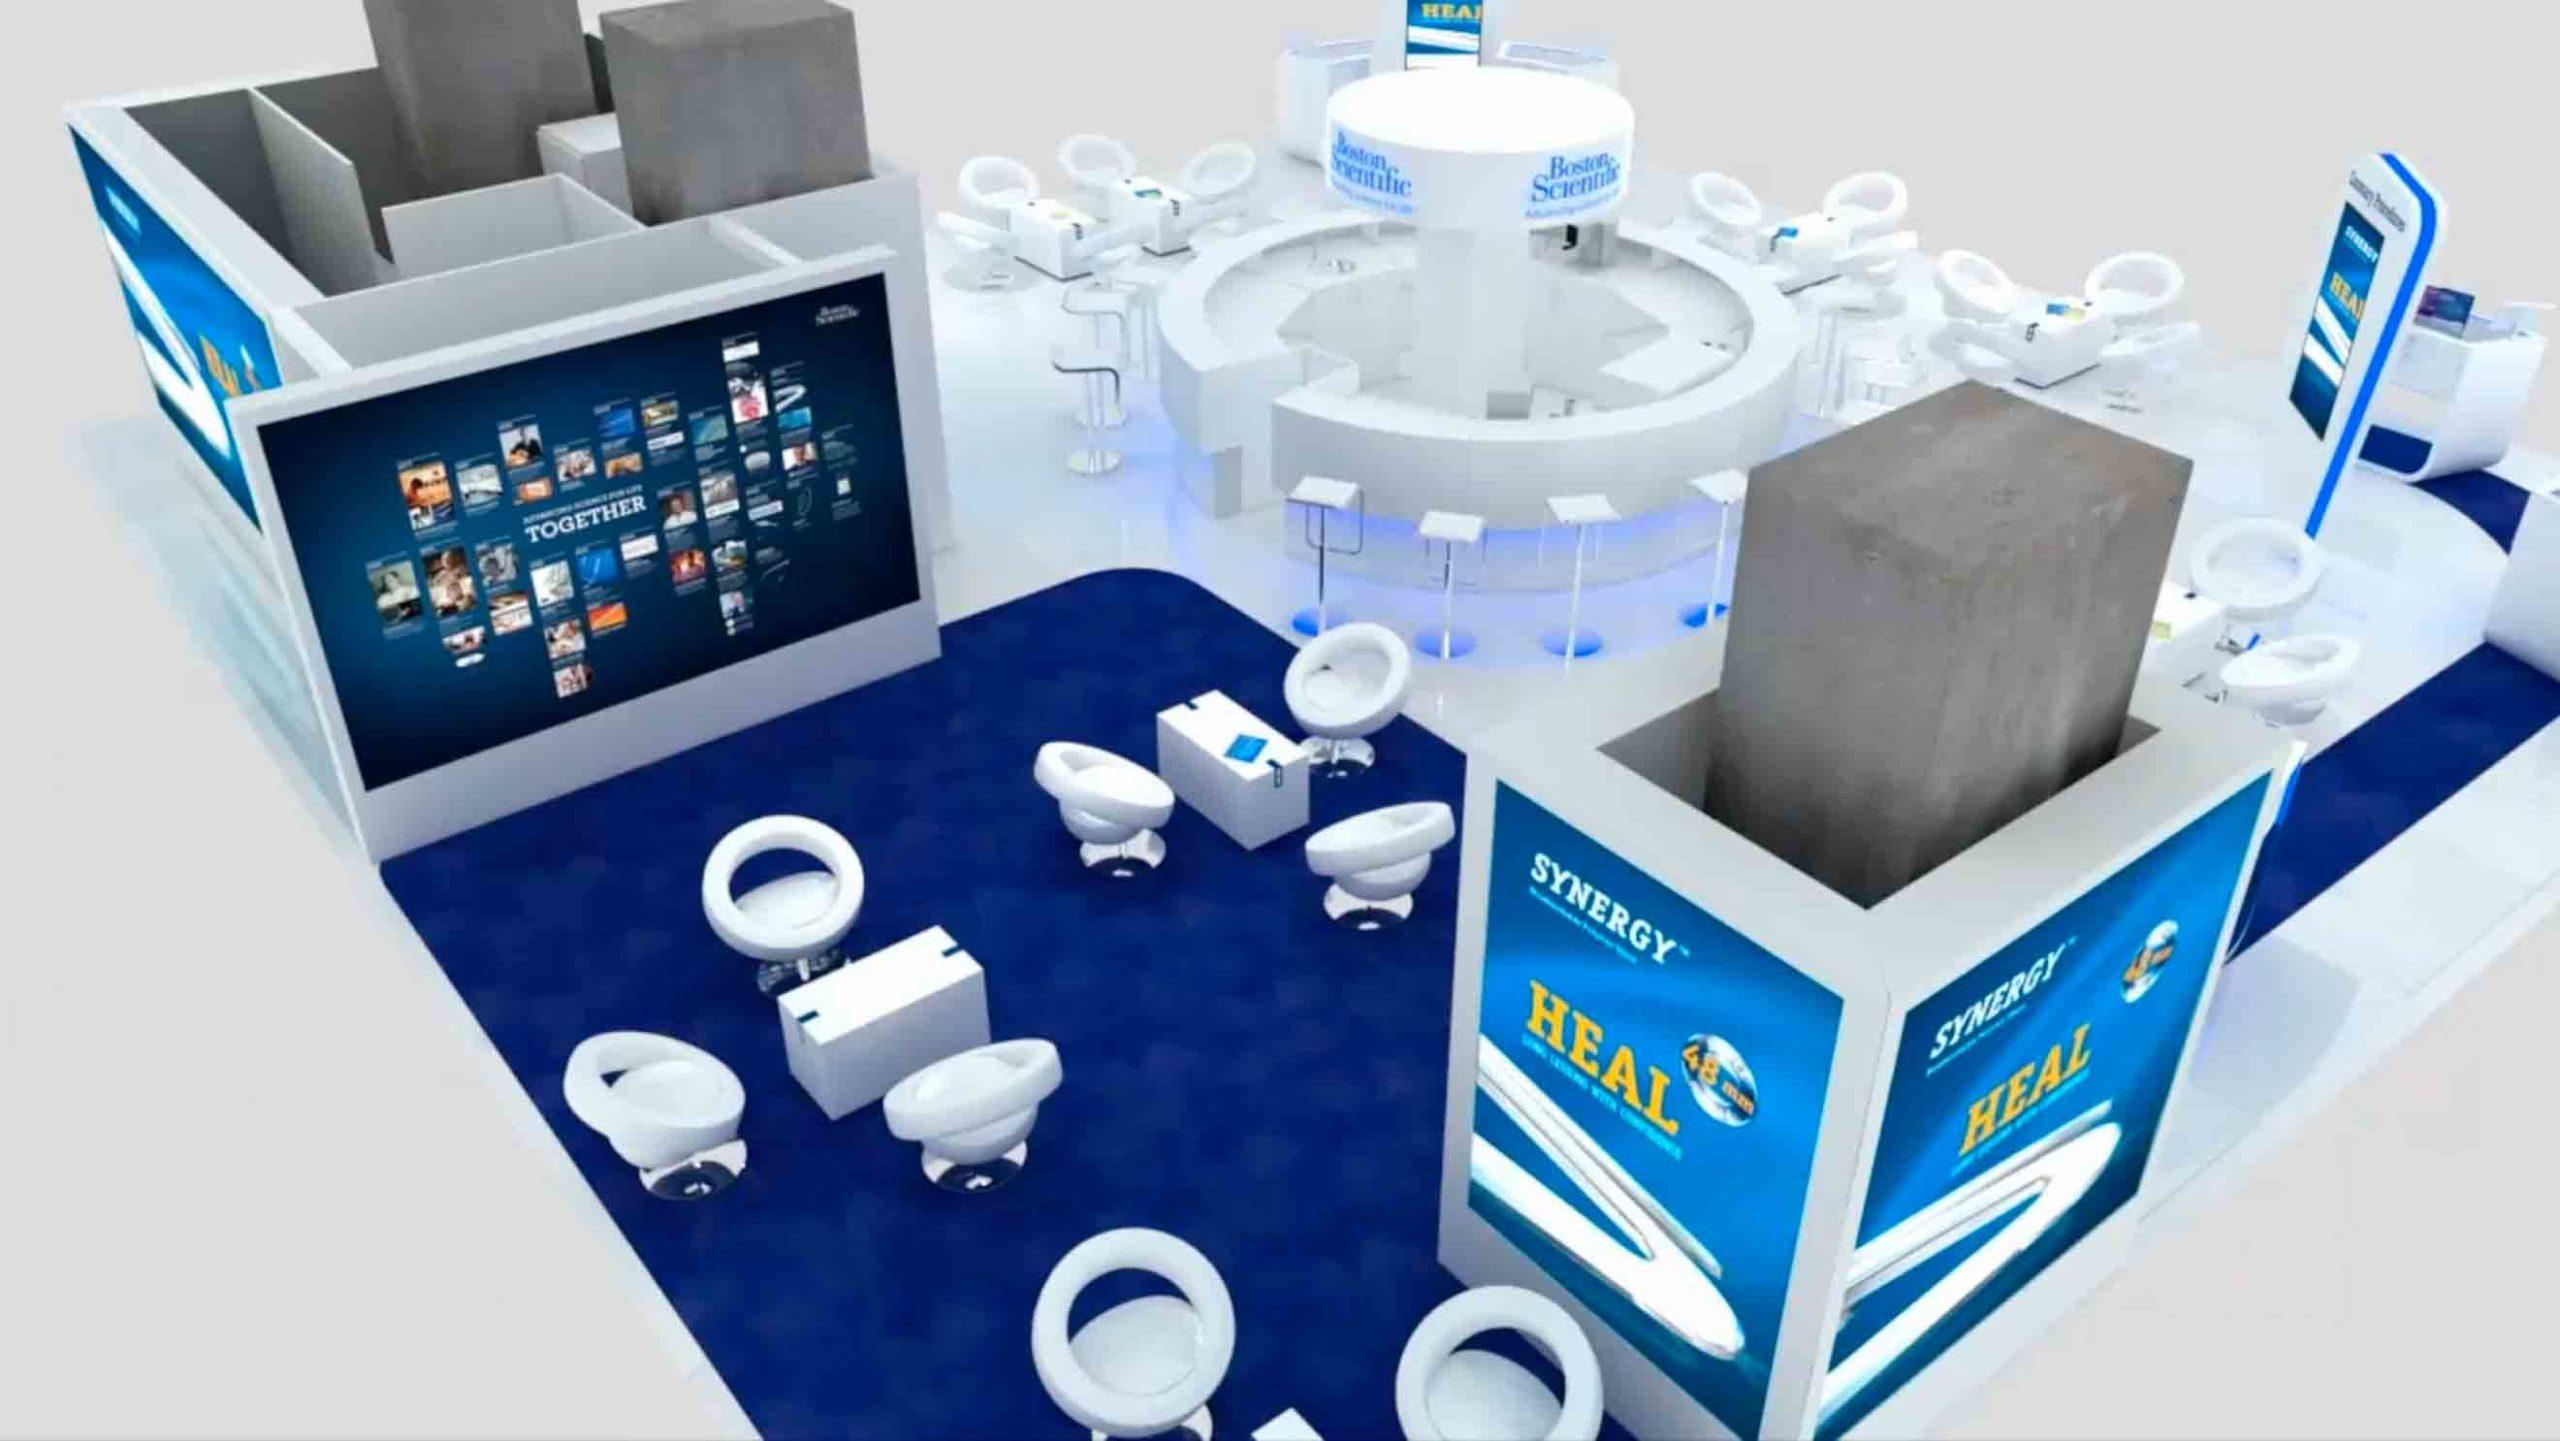 Las ferias virtuales son el presente en la organización de eventos